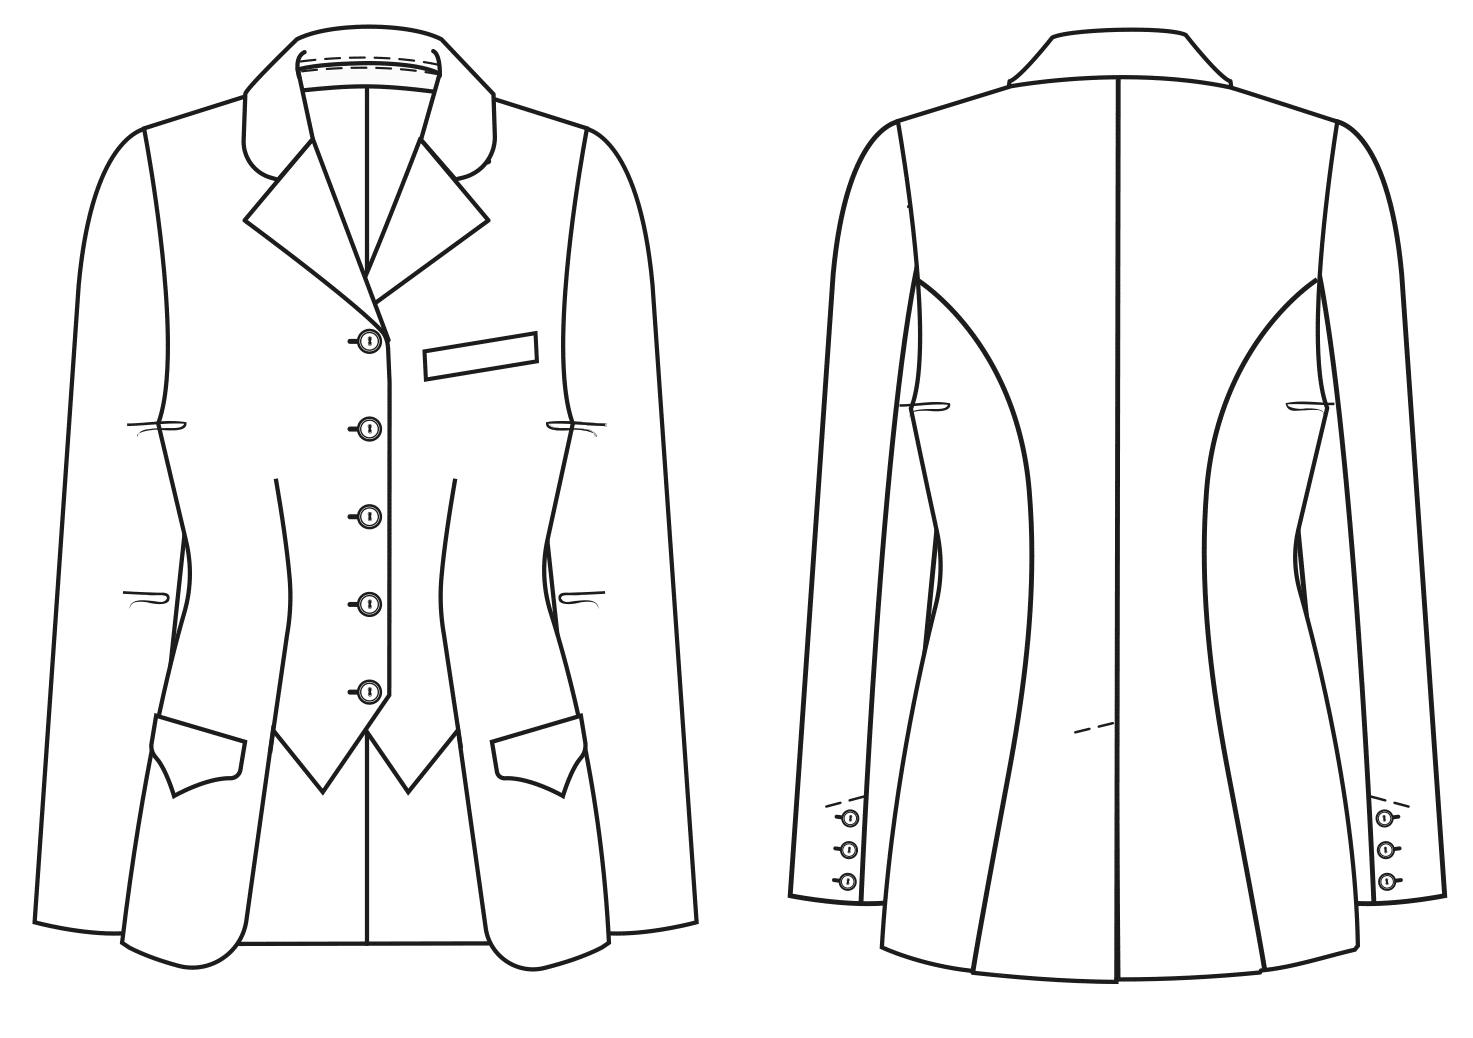 Diese Abbildung zeigt die Vorder- und Rückansicht einer technischen Zeichnung von einer Reitjacke. Sie dient als Vorlage für ein Schnittmuster auf einem Schnittmusterbogen von Müller und Sohn.